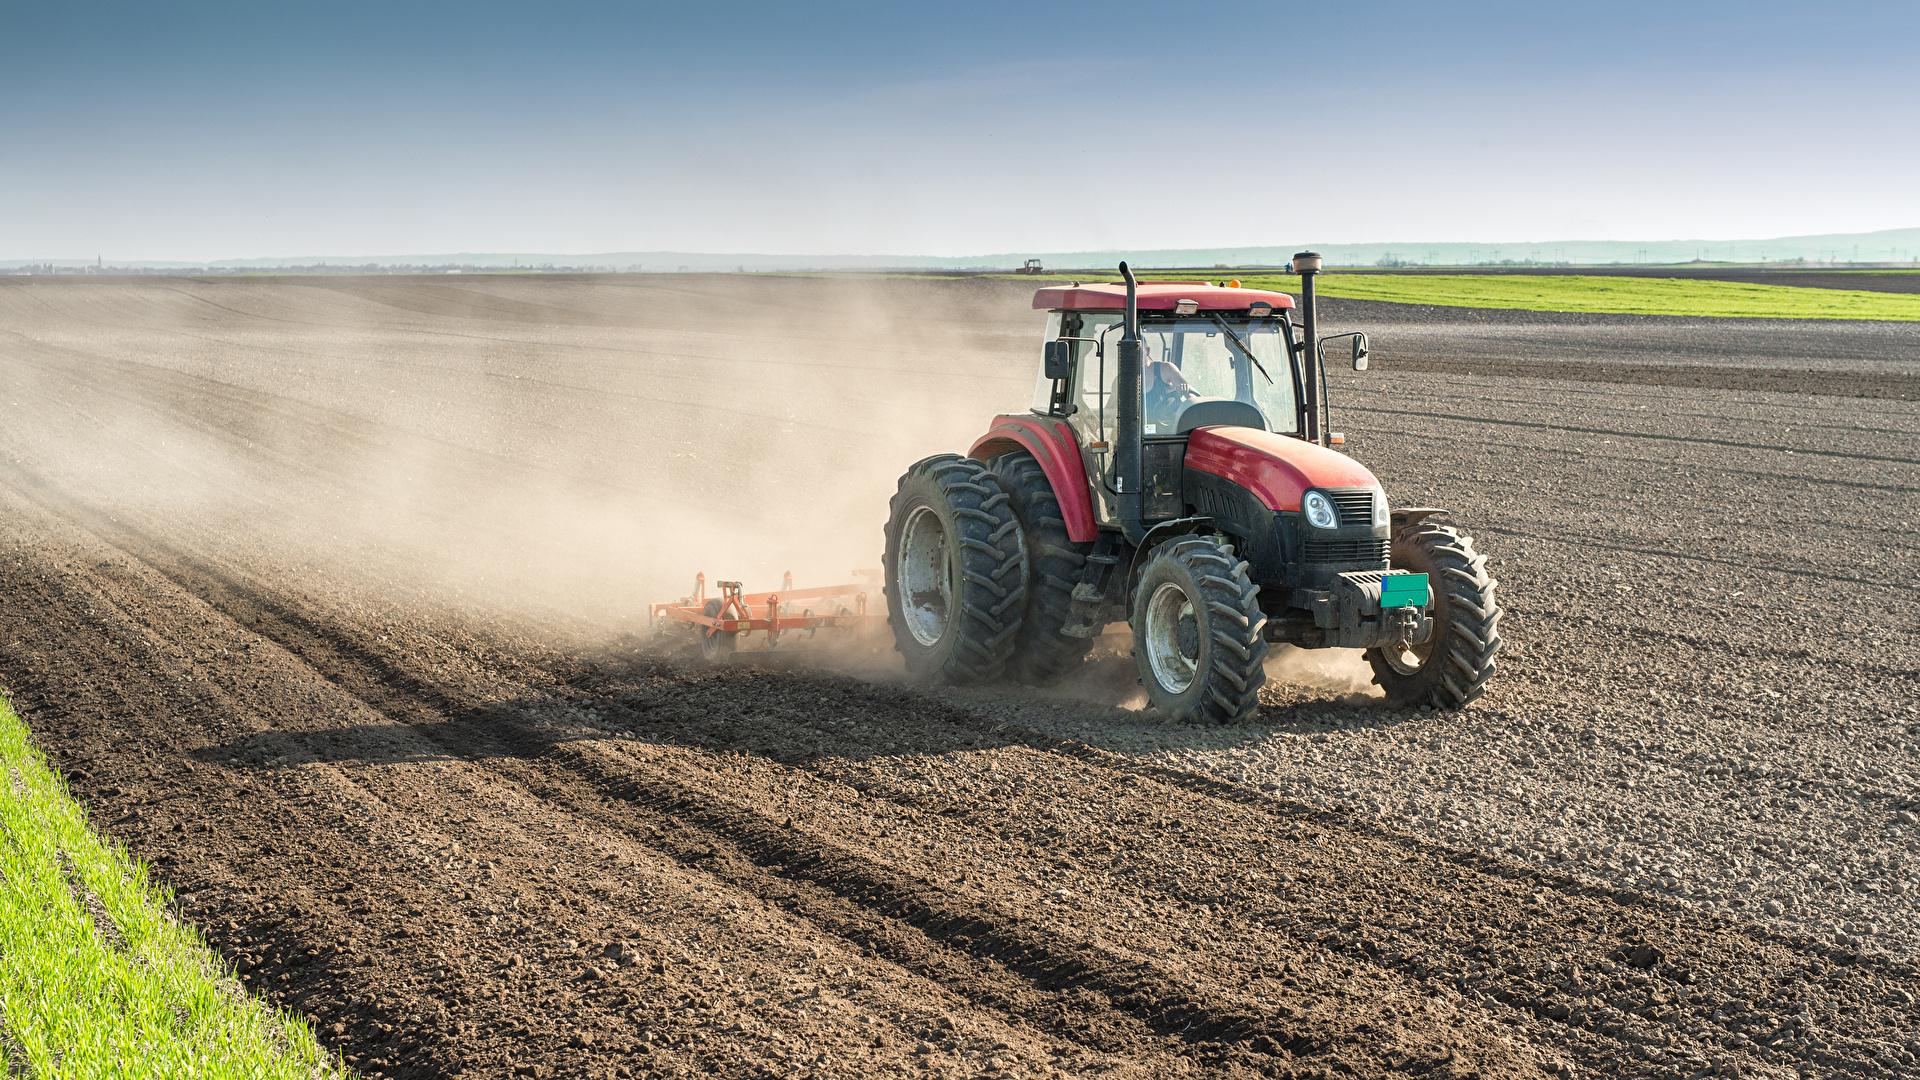 Обои для рабочего стола Трактор Работа Поля 1920x1080 трактора тракторы работают работает